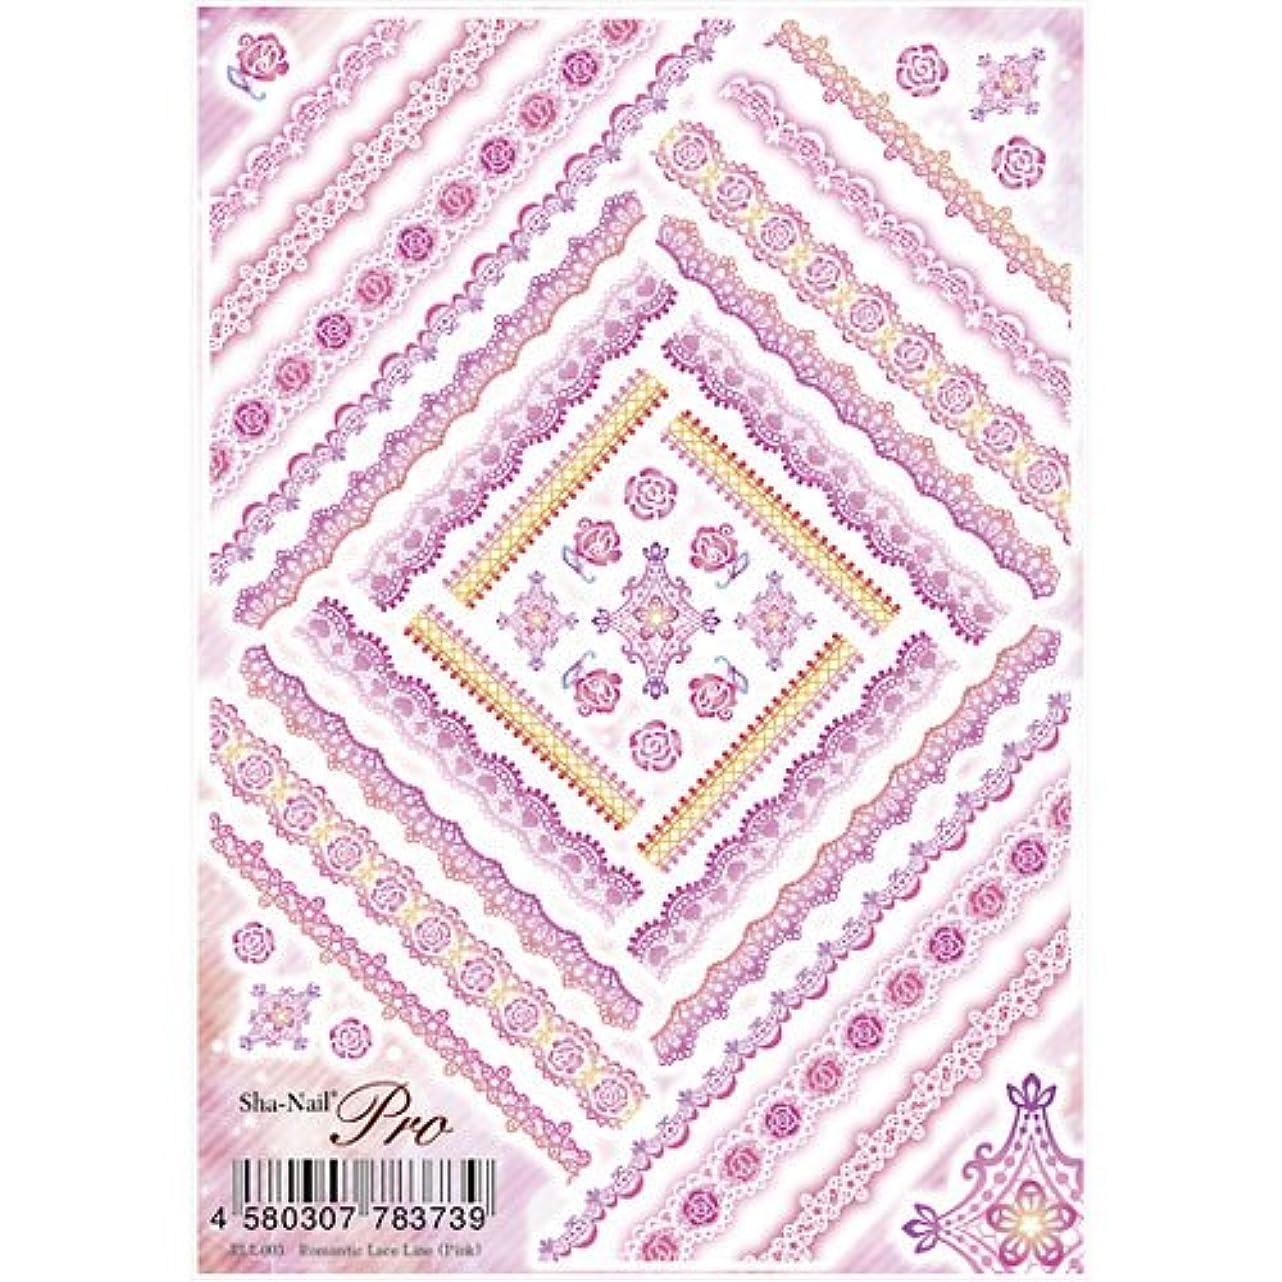 インド期間引き渡す写ネイルプロ ロマンチックレースライン ピンク